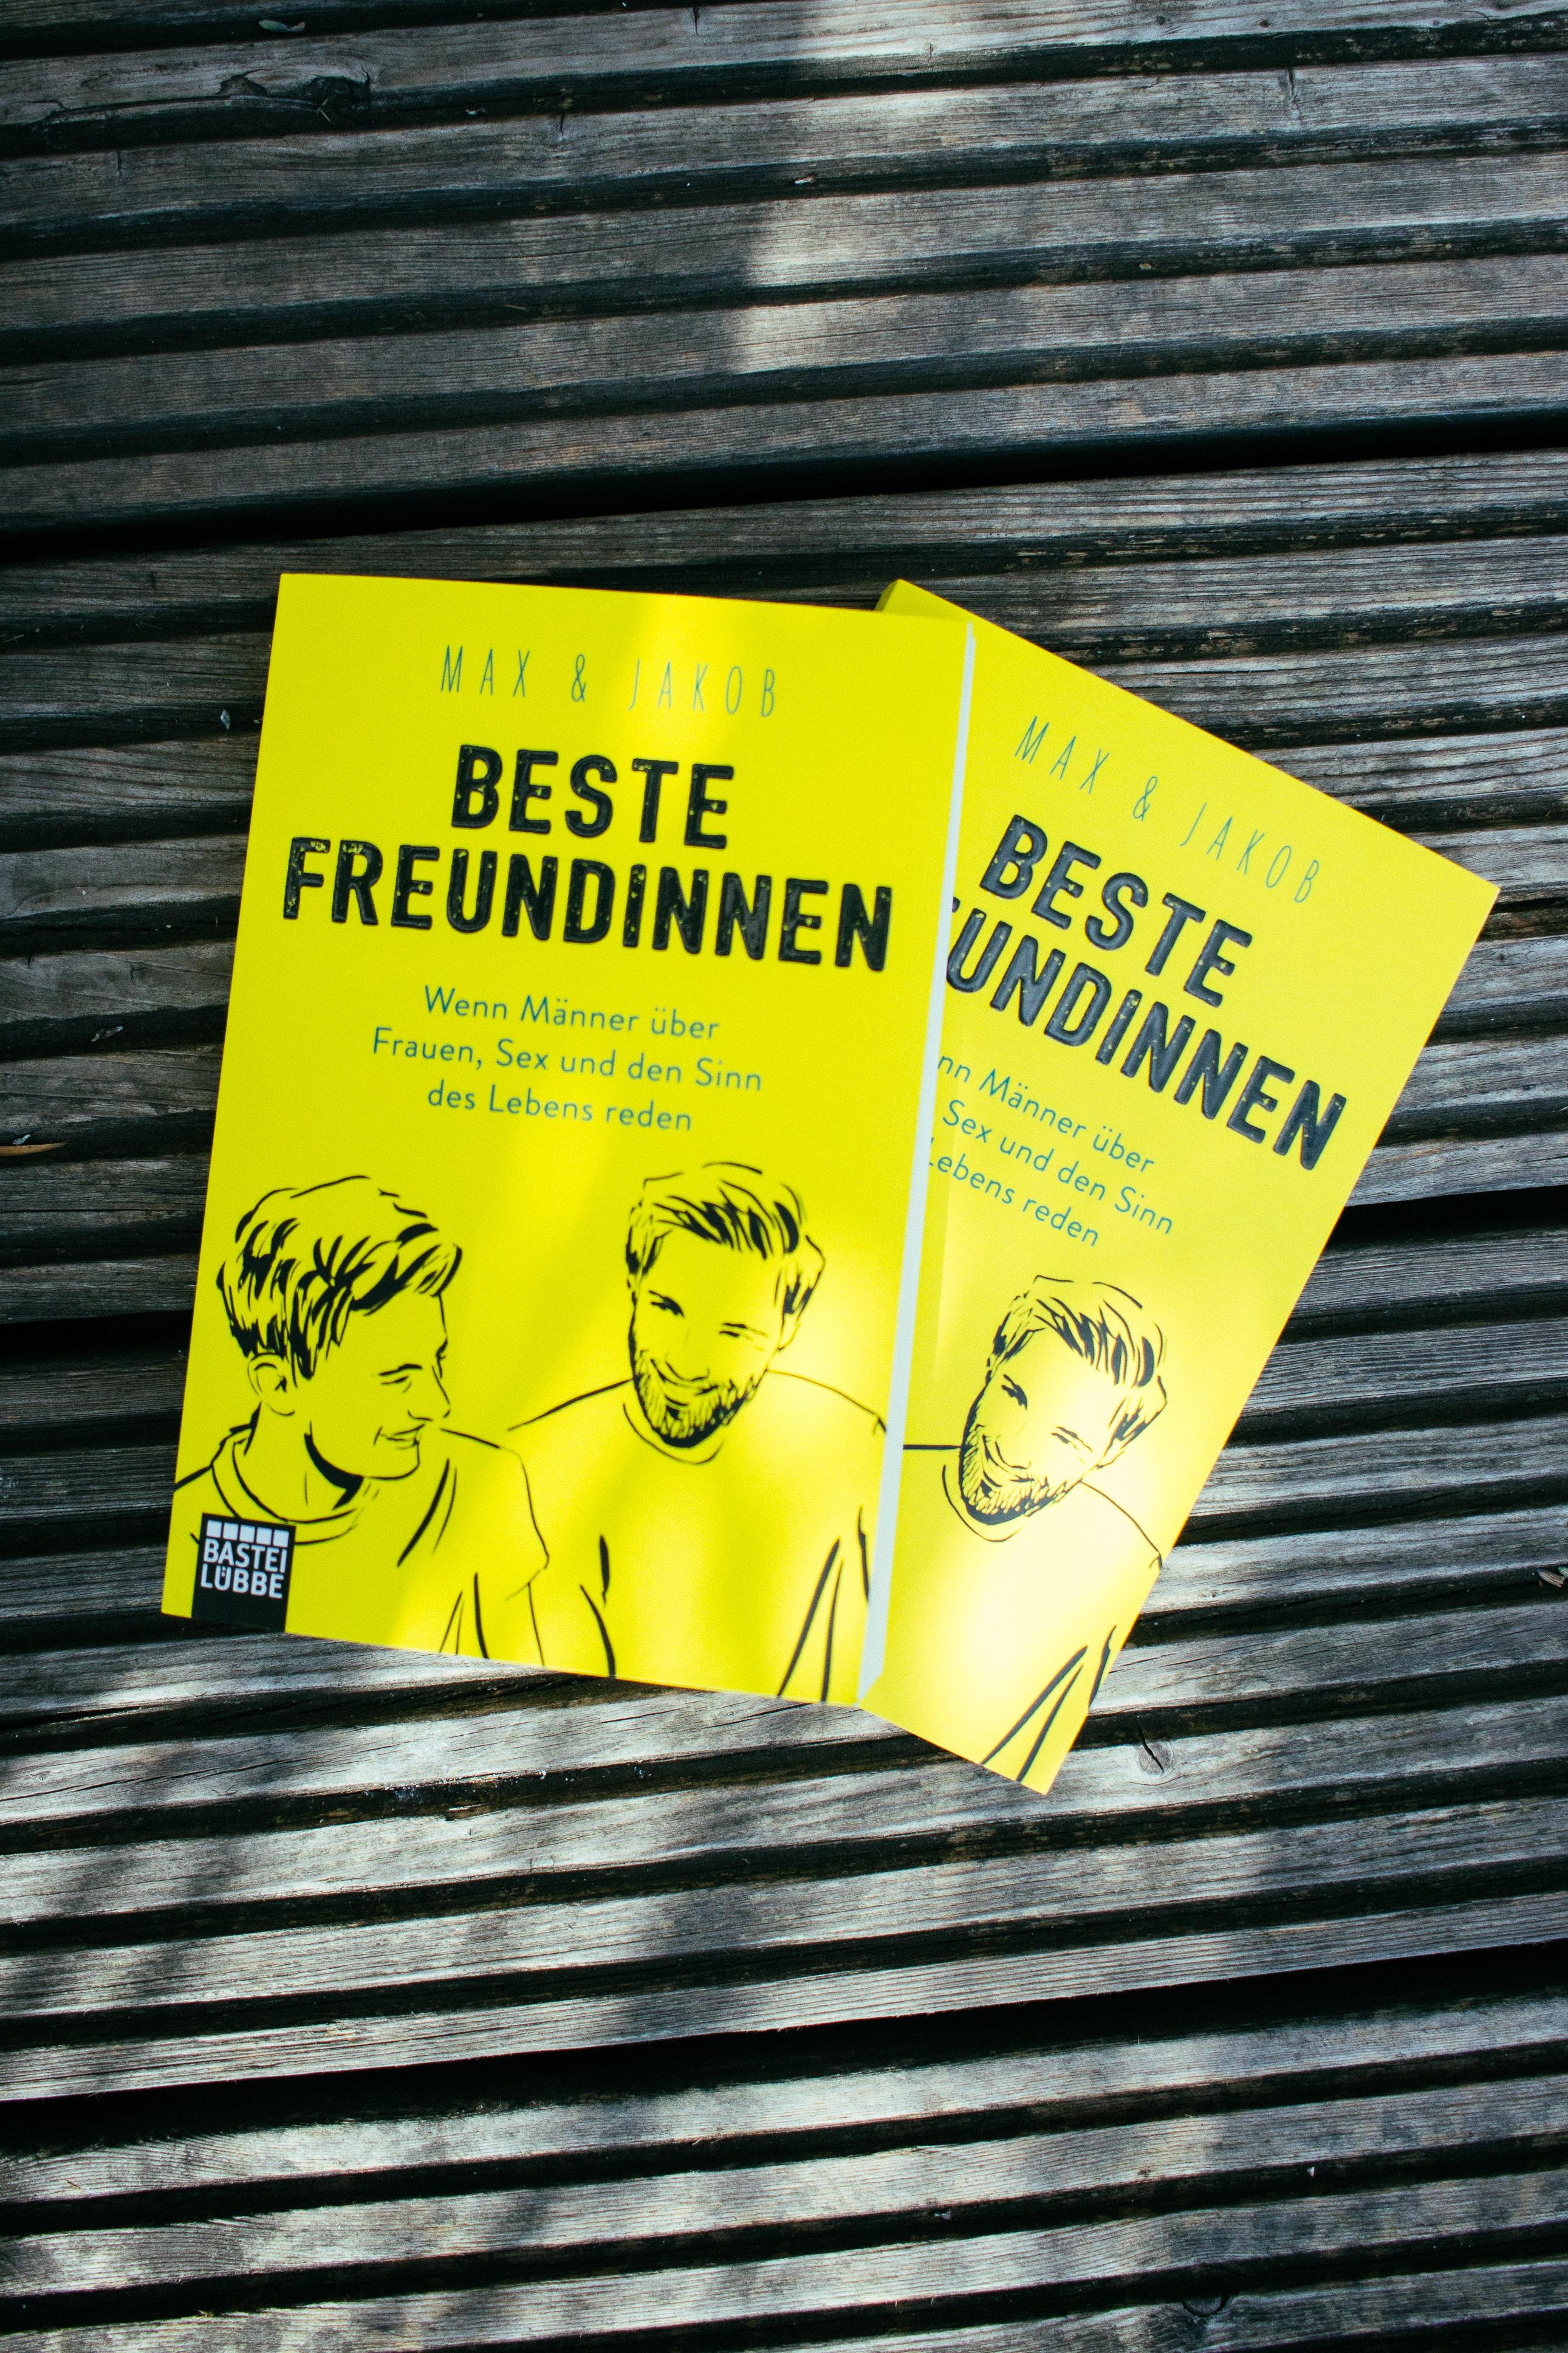 beste freundinnen_podcast_berlin_25h hotel_annabelle sagt7